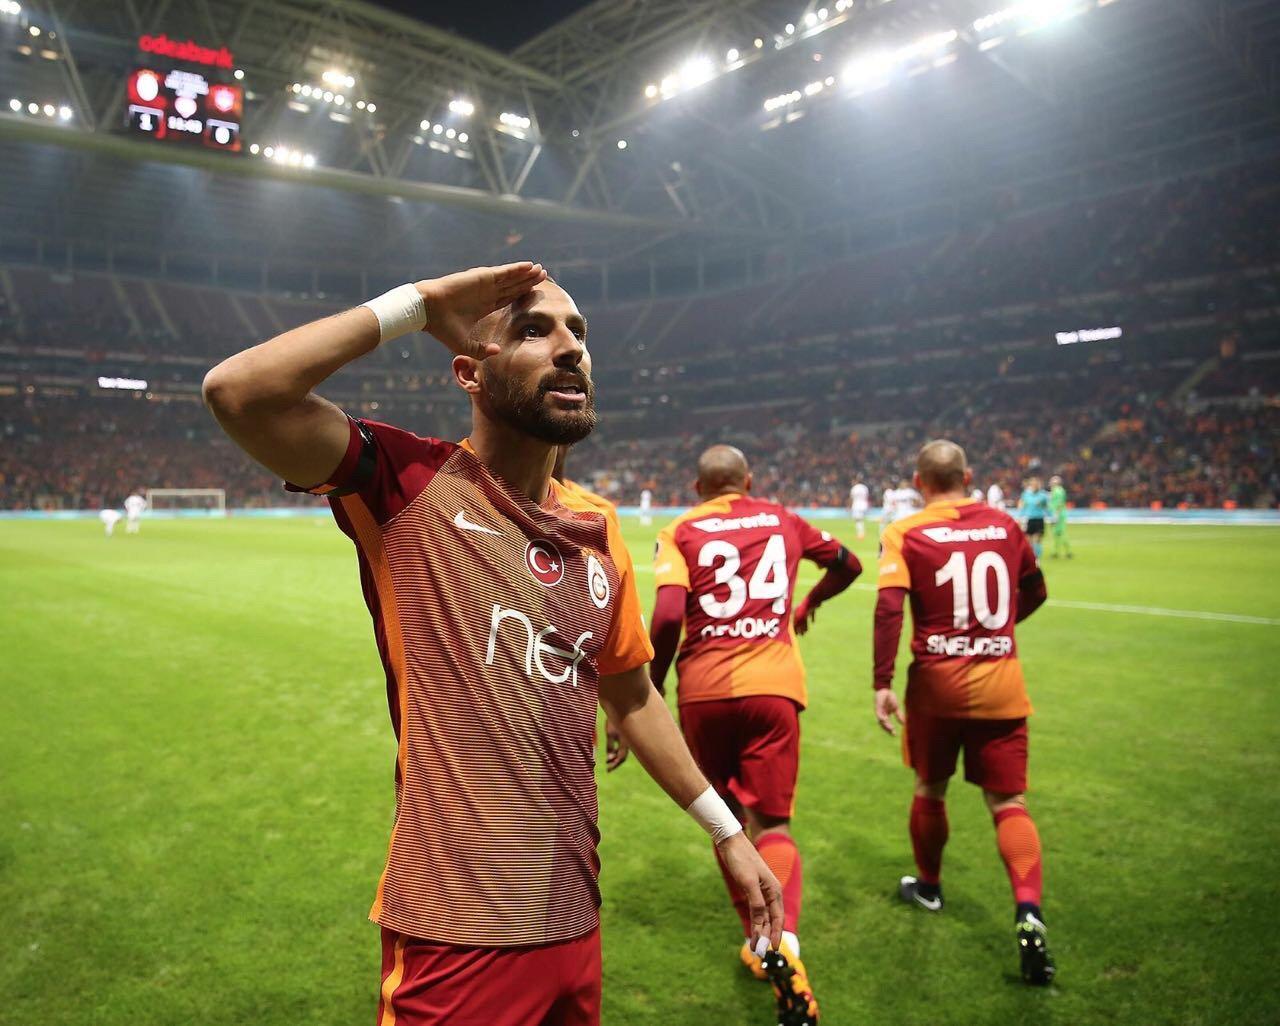 Hangi takımı tutarsan tut, ağlatan gol... Yasin Öztekin �� #ŞehitlerÖlmez https://t.co/LwIwj663zy